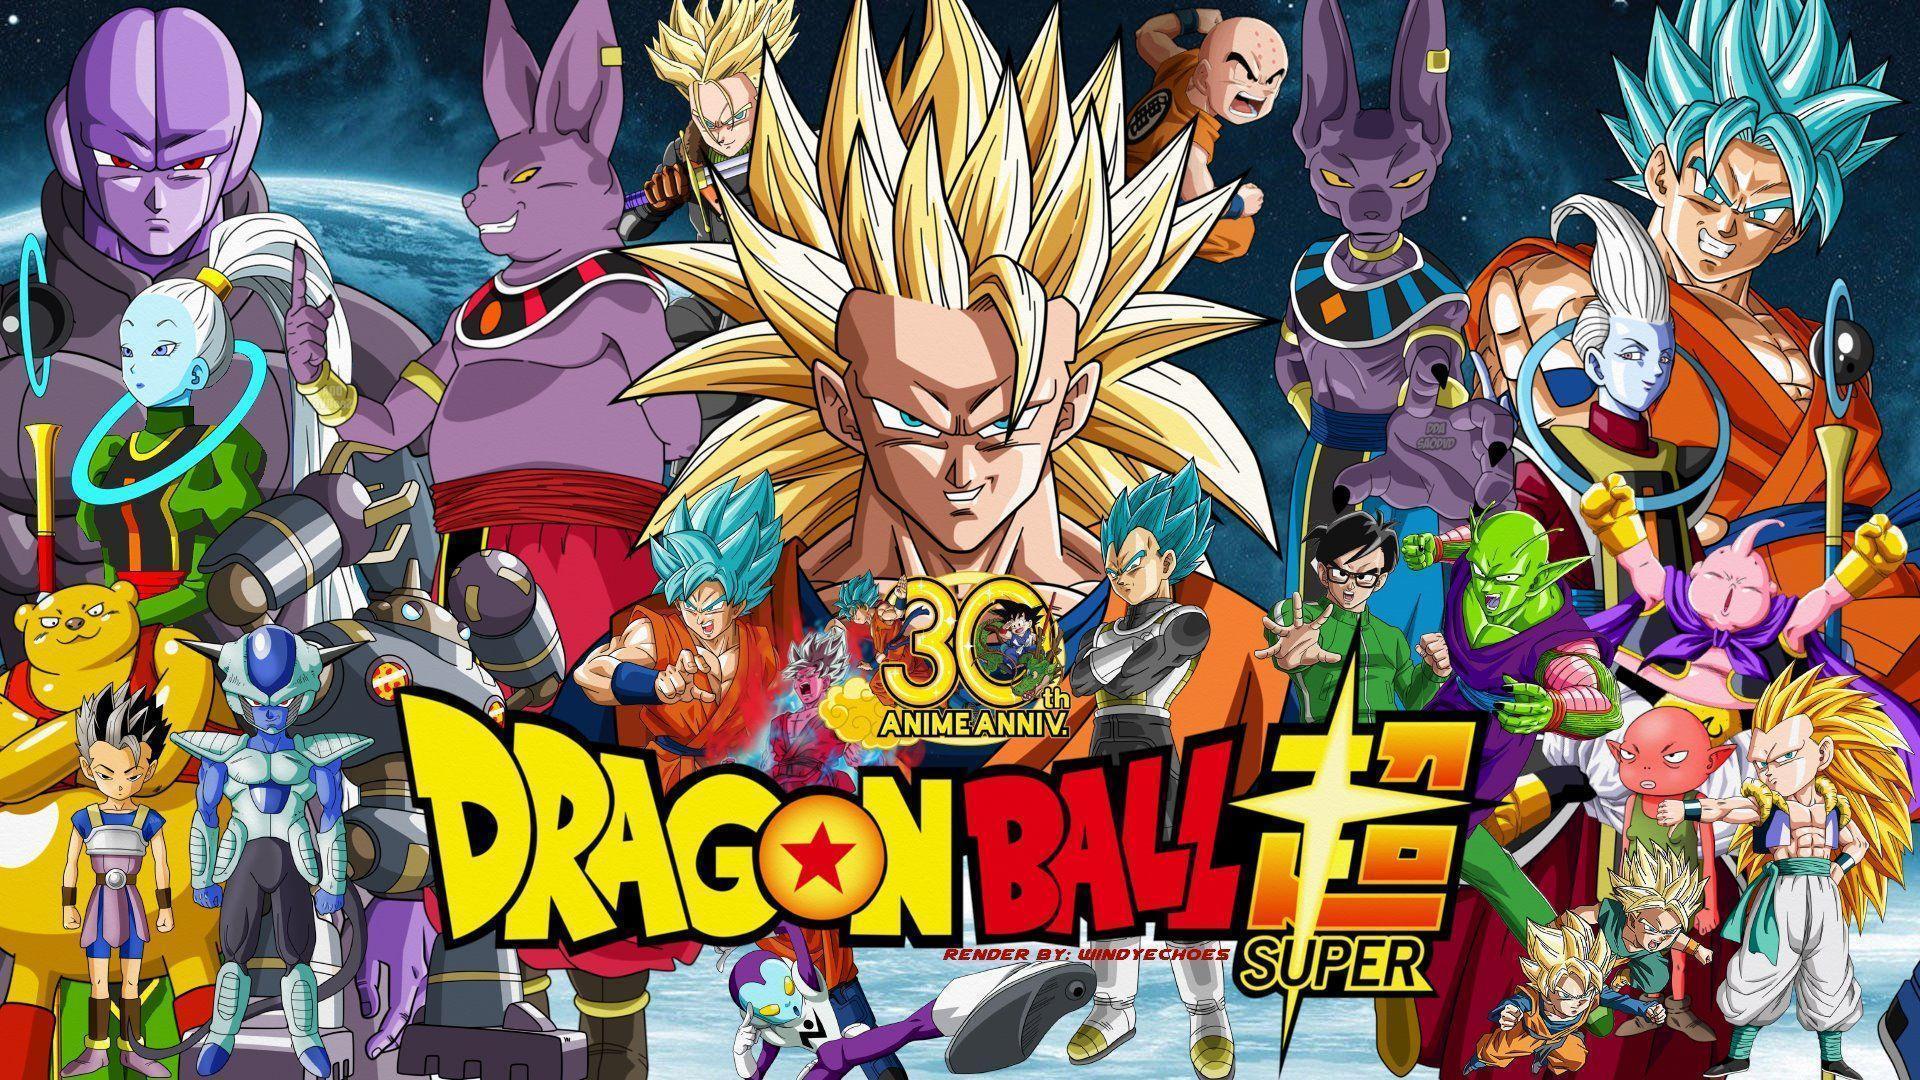 Dragon Ball Super Wallpapers Wallpaper Cave